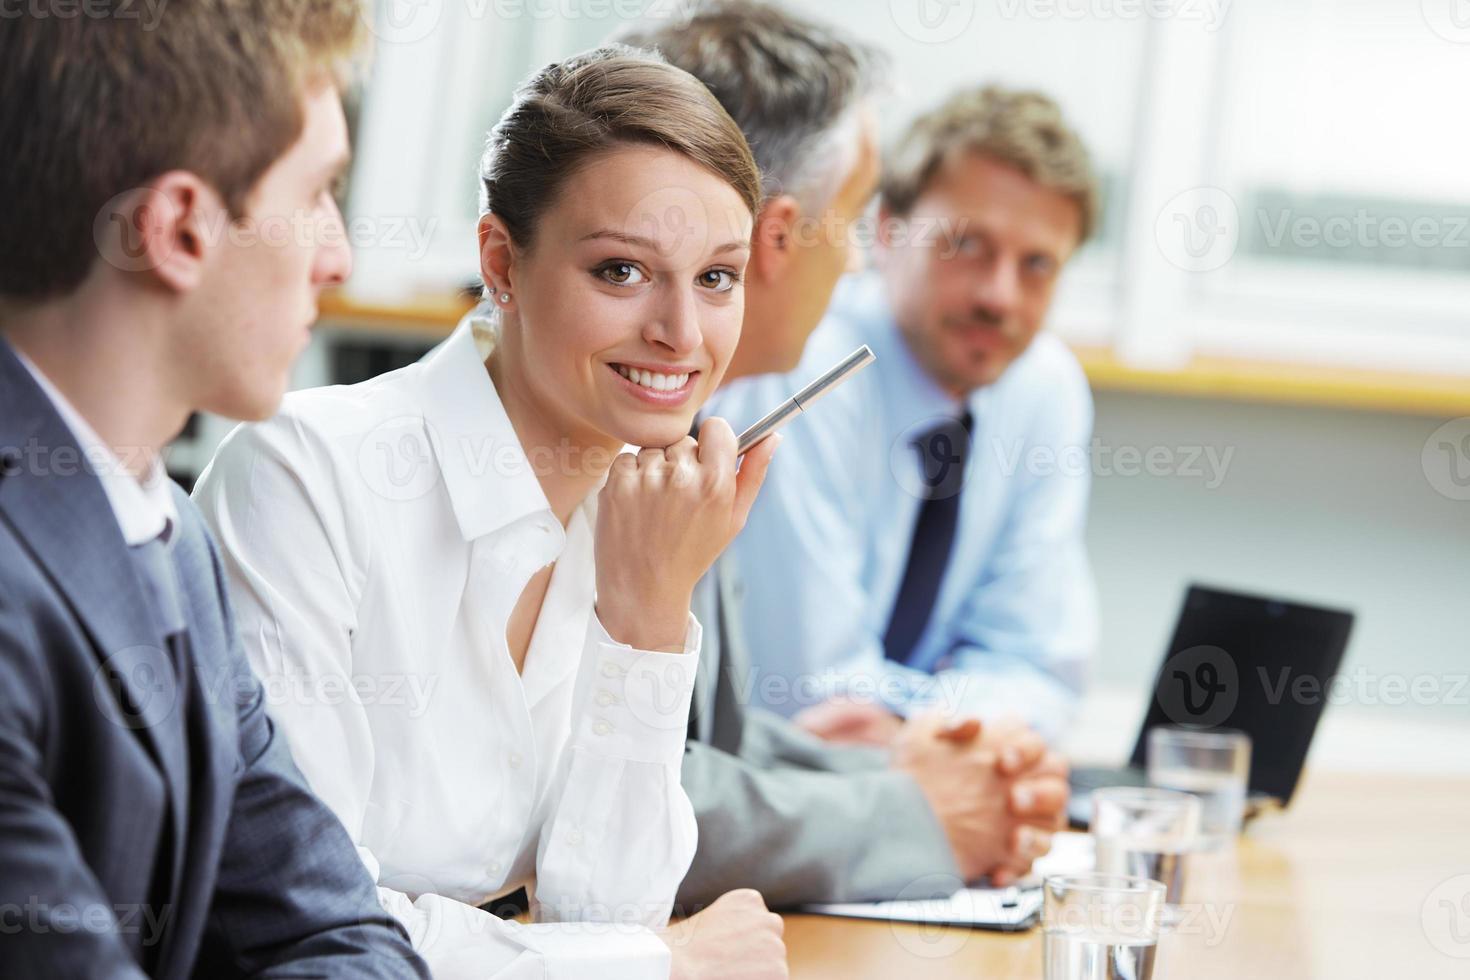 lachende vrouw die zit op een zakelijke bijeenkomst met collega's foto